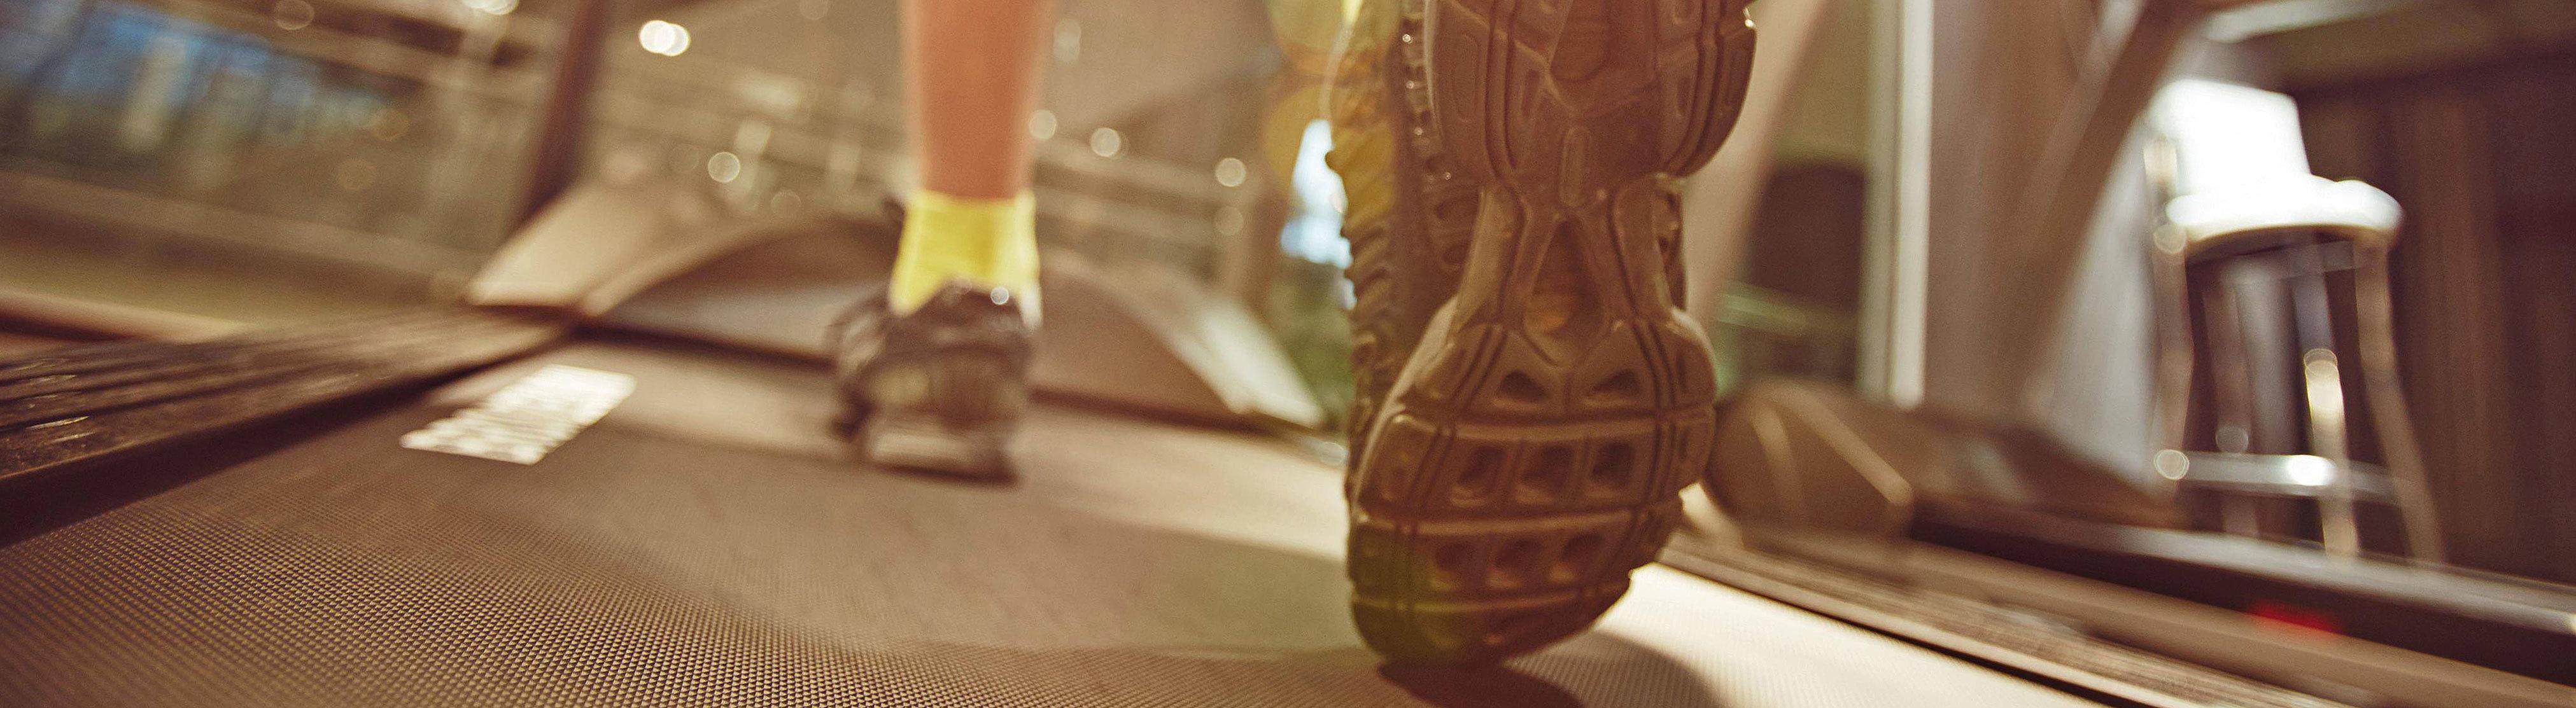 Eine Person trainiert auf einem Laufband, es sind nur das Band und die Turnschuhe zu sehen.